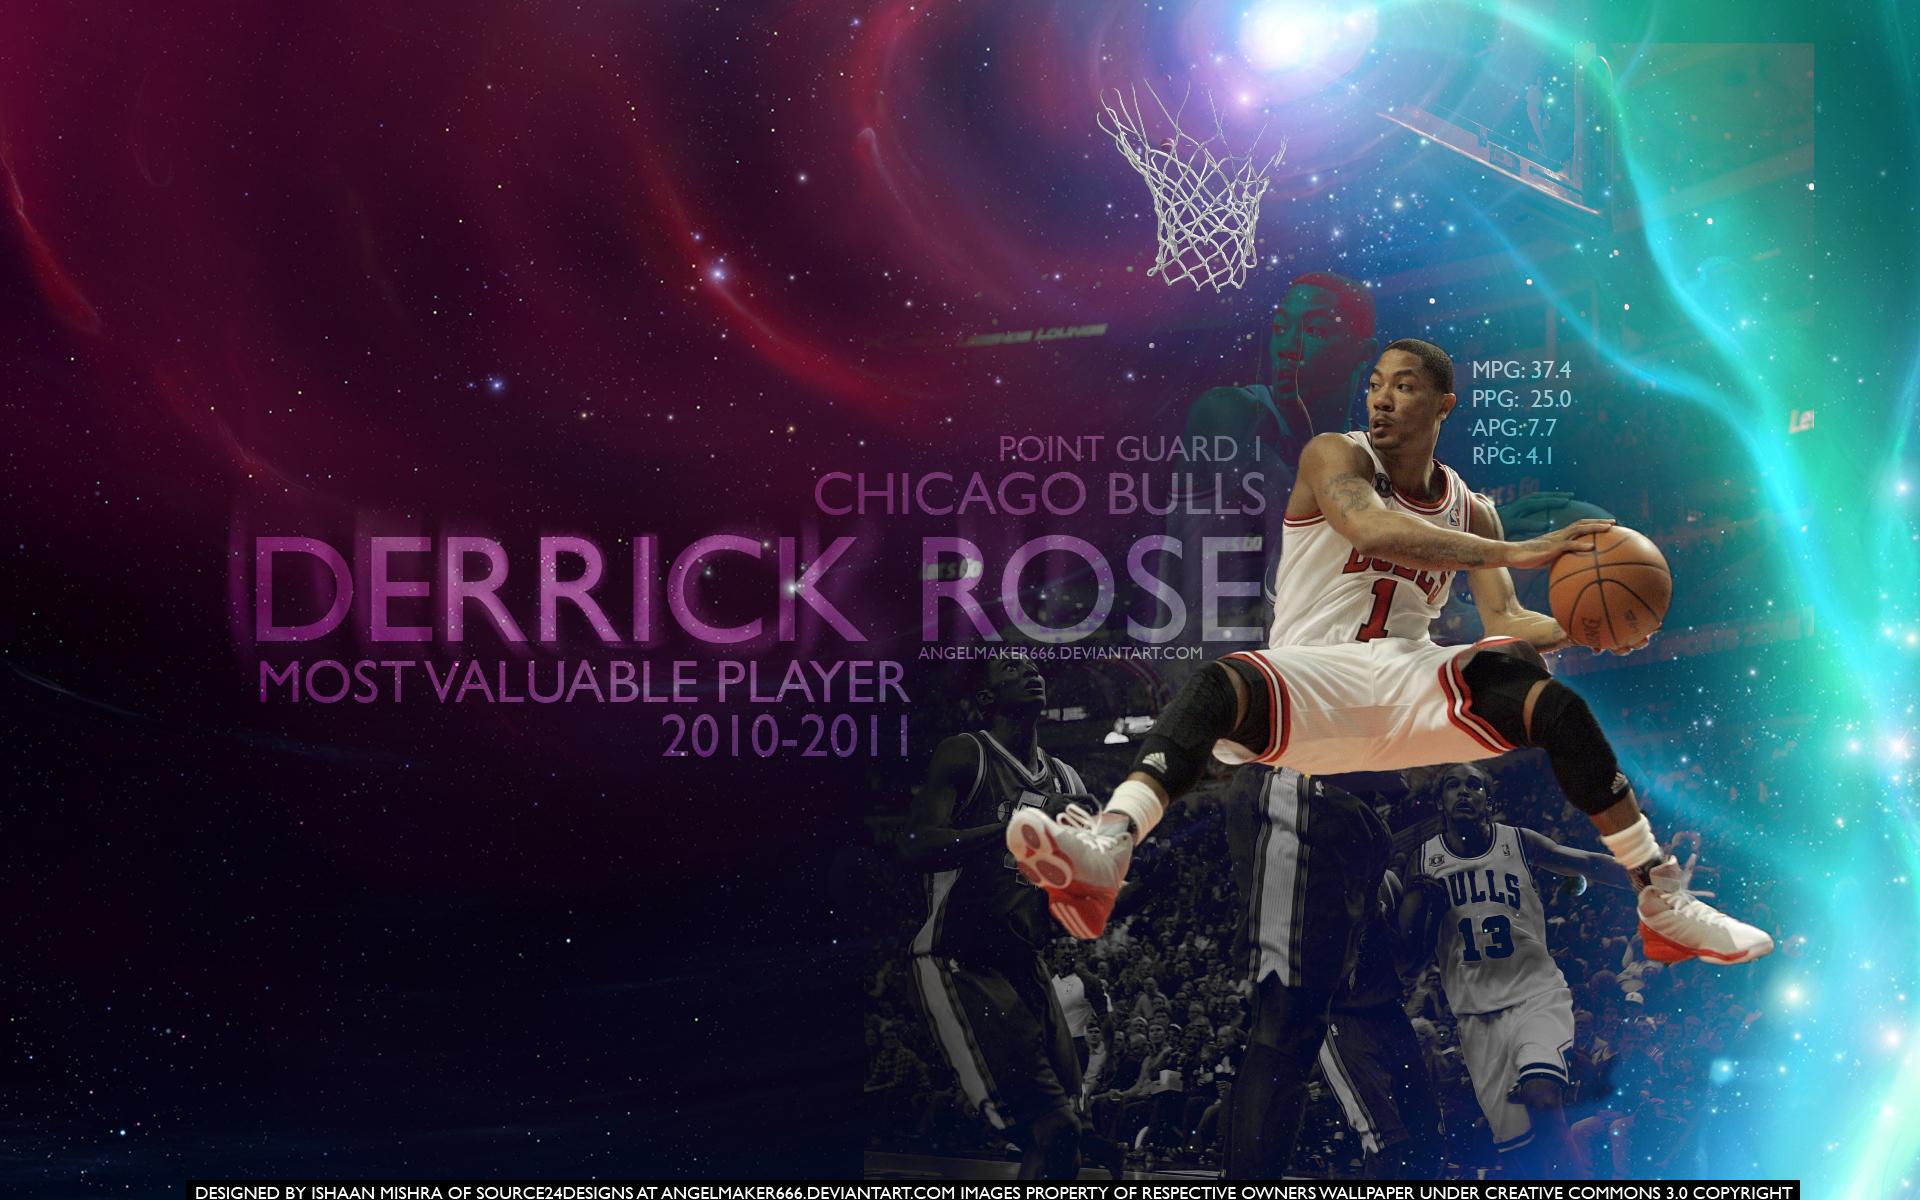 derrick rose mvp wallpaper by angelmaker666 d3egkp9jpg 1920x1200